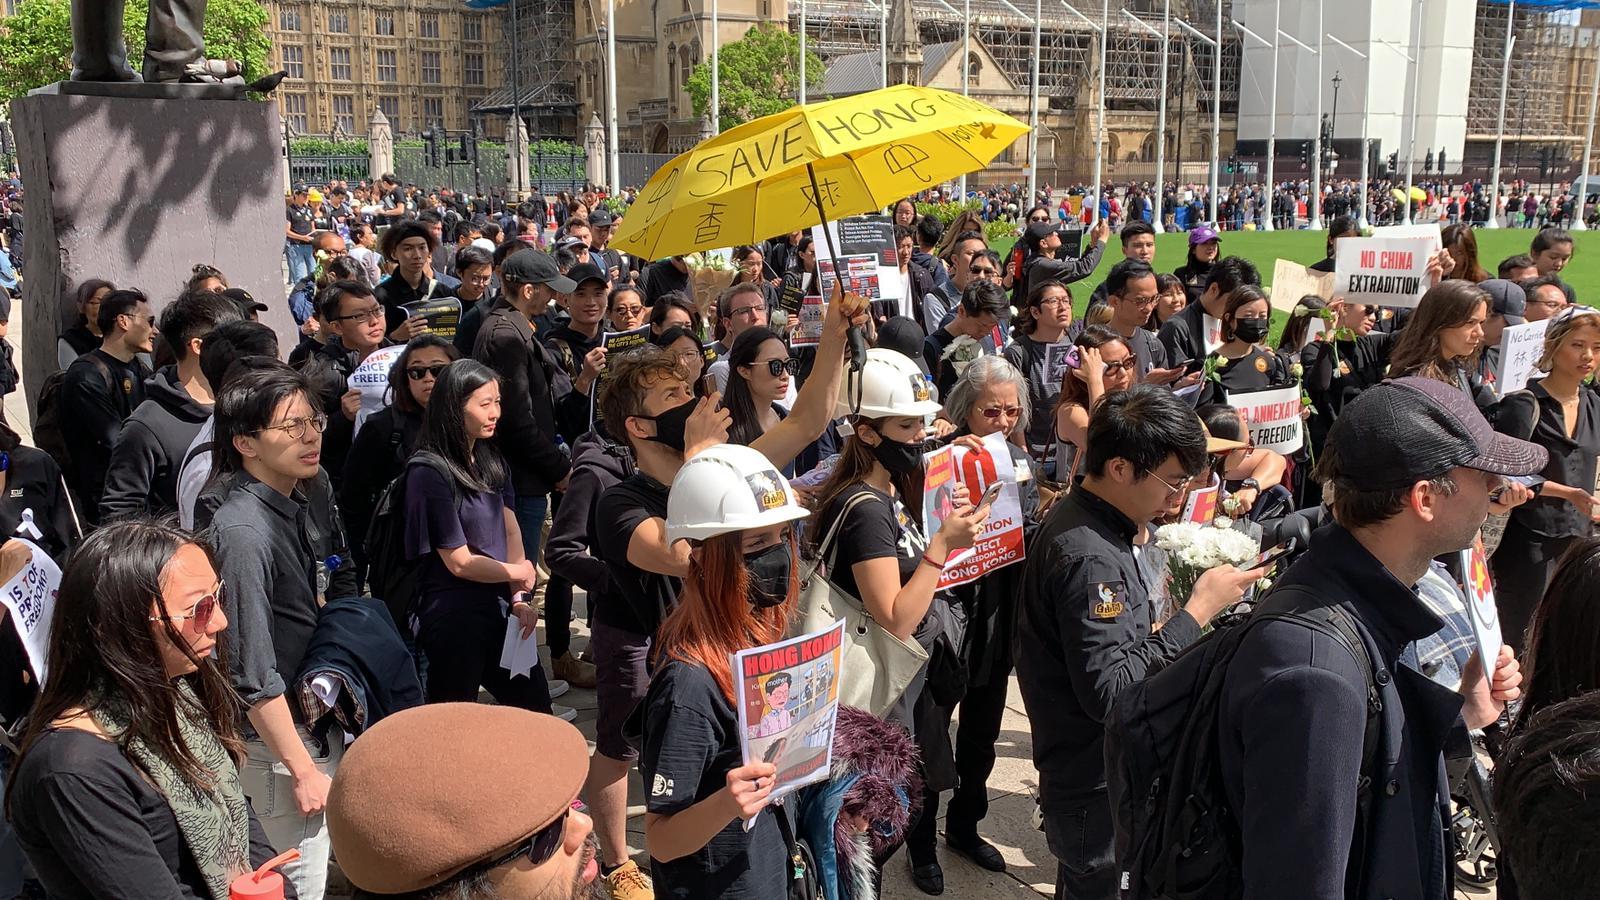 6月16日,支持香港的在英人士參加了倫敦的集會,抗議港府修例和警方濫用武力。(唐詩韻/大紀元)